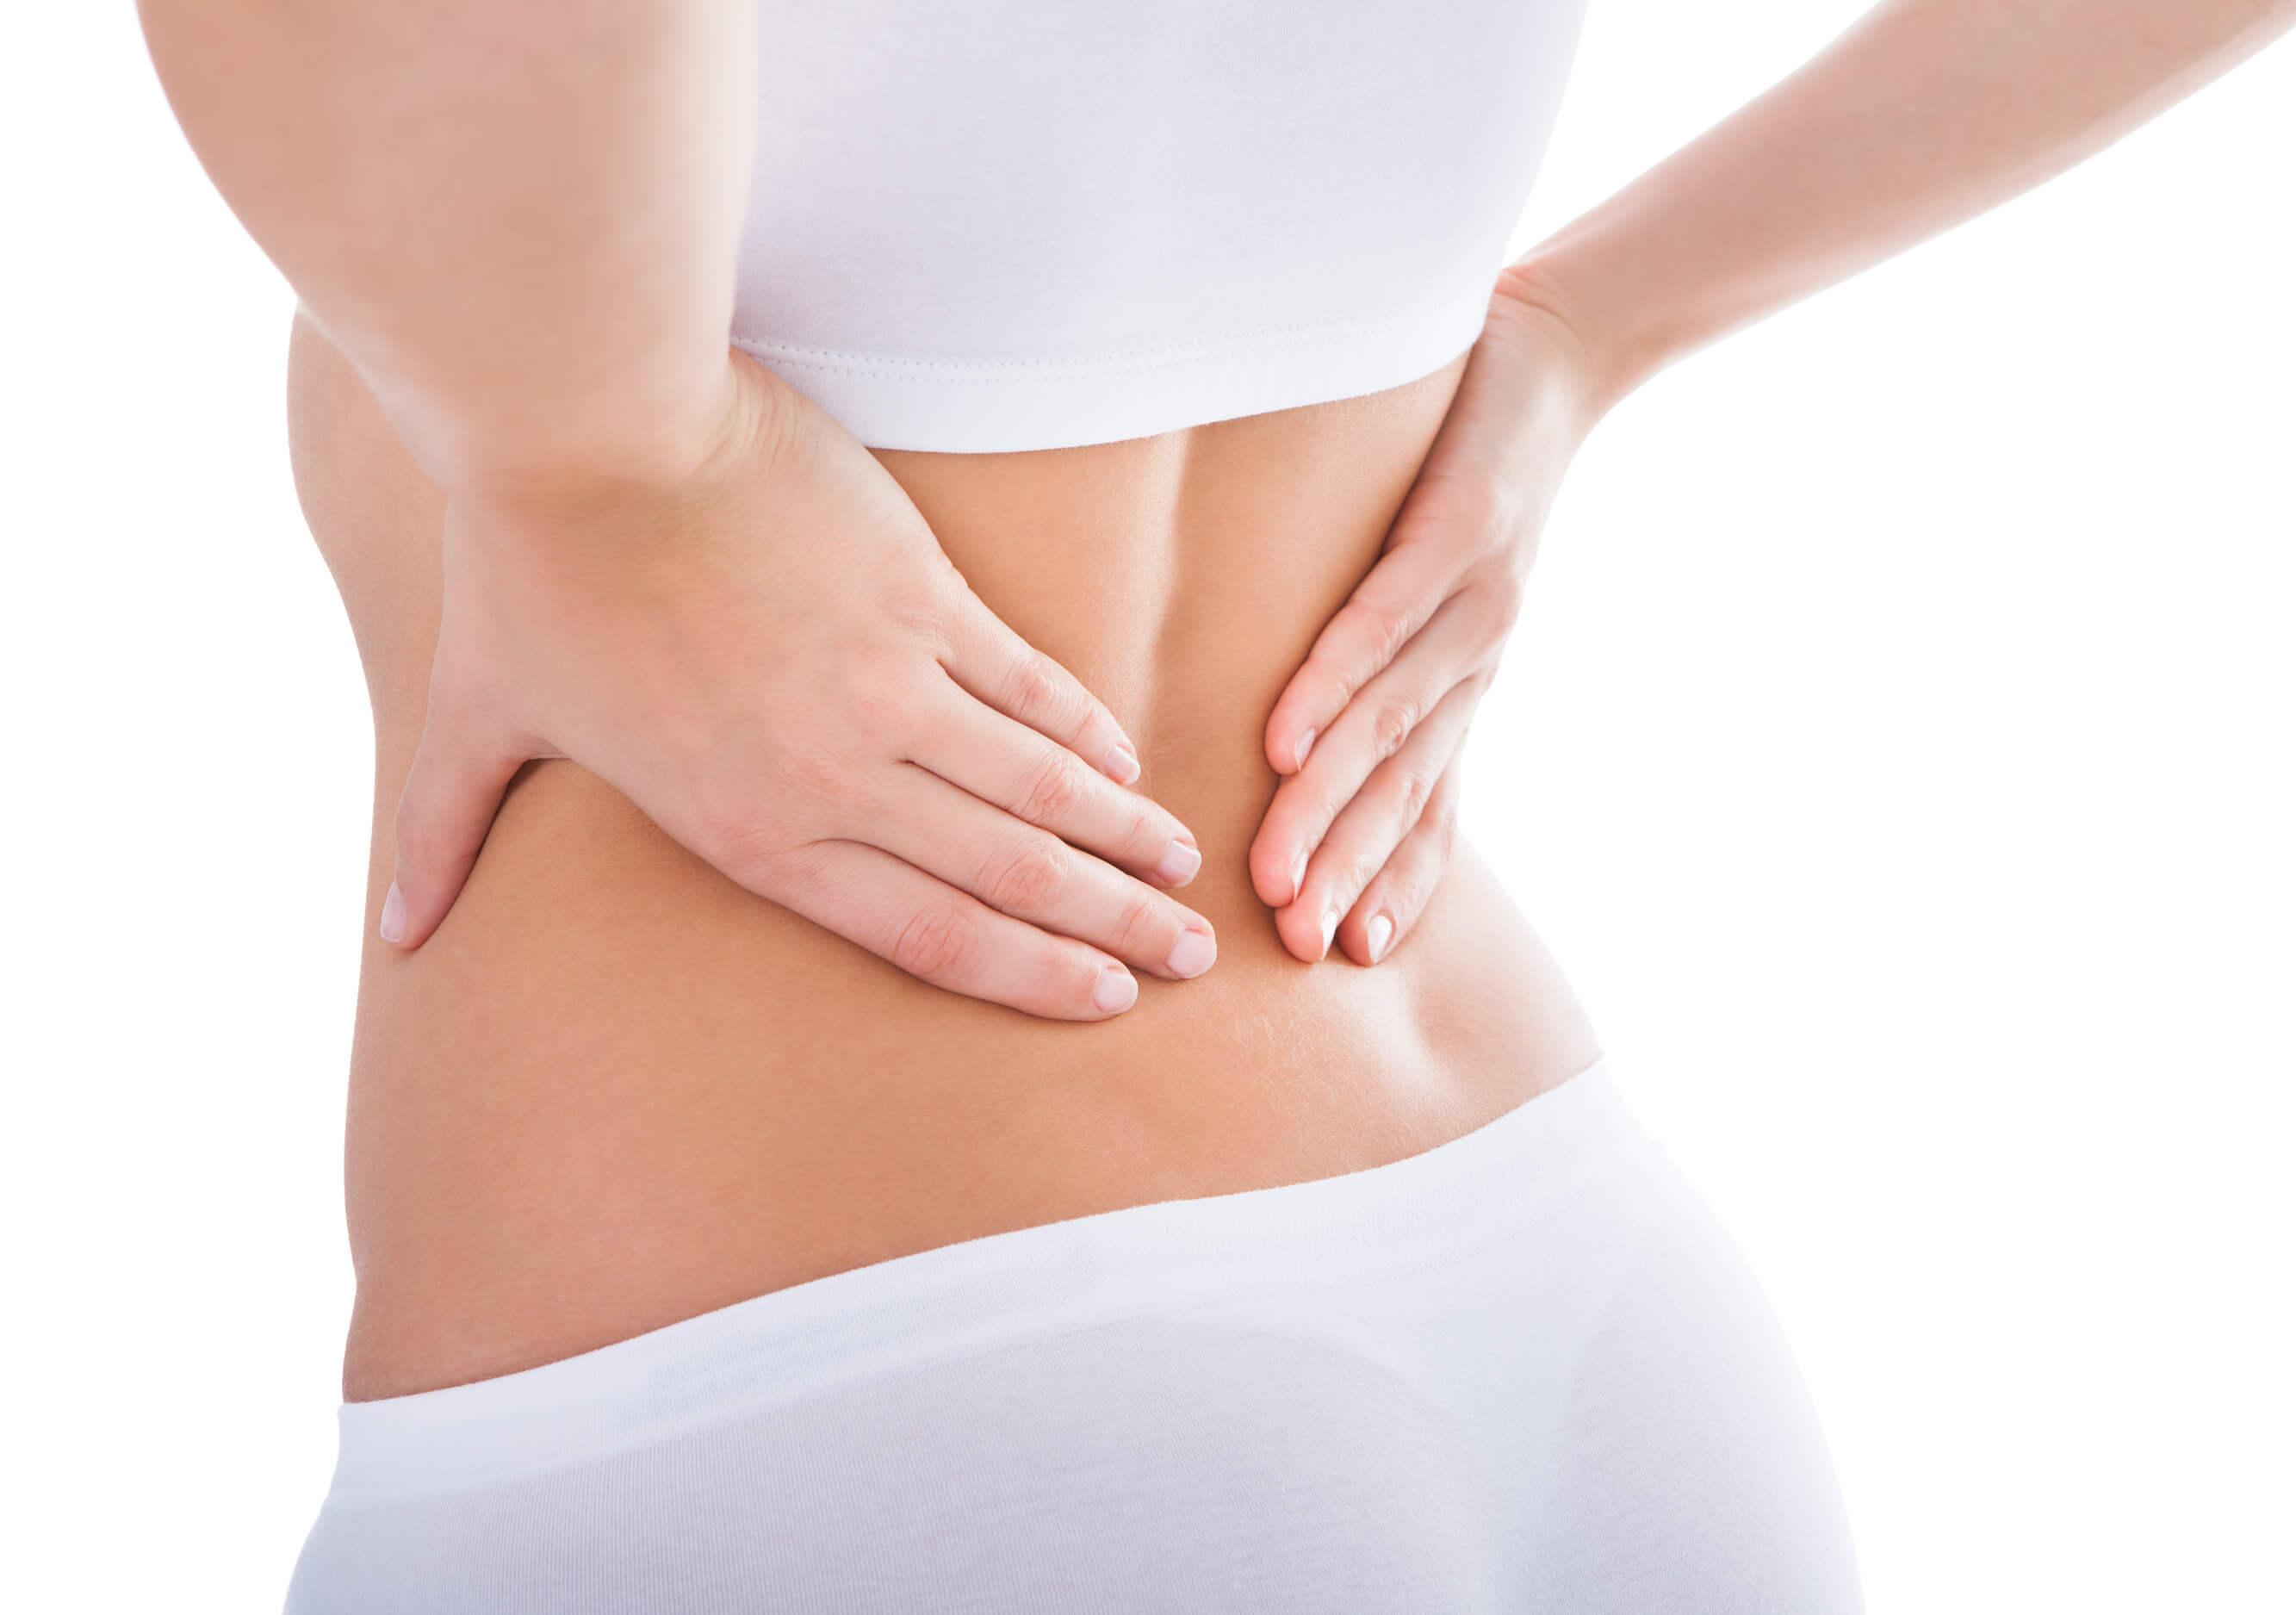 csökkenti az ízületek kezelésének módját artrózisos zselatin kezelési recept